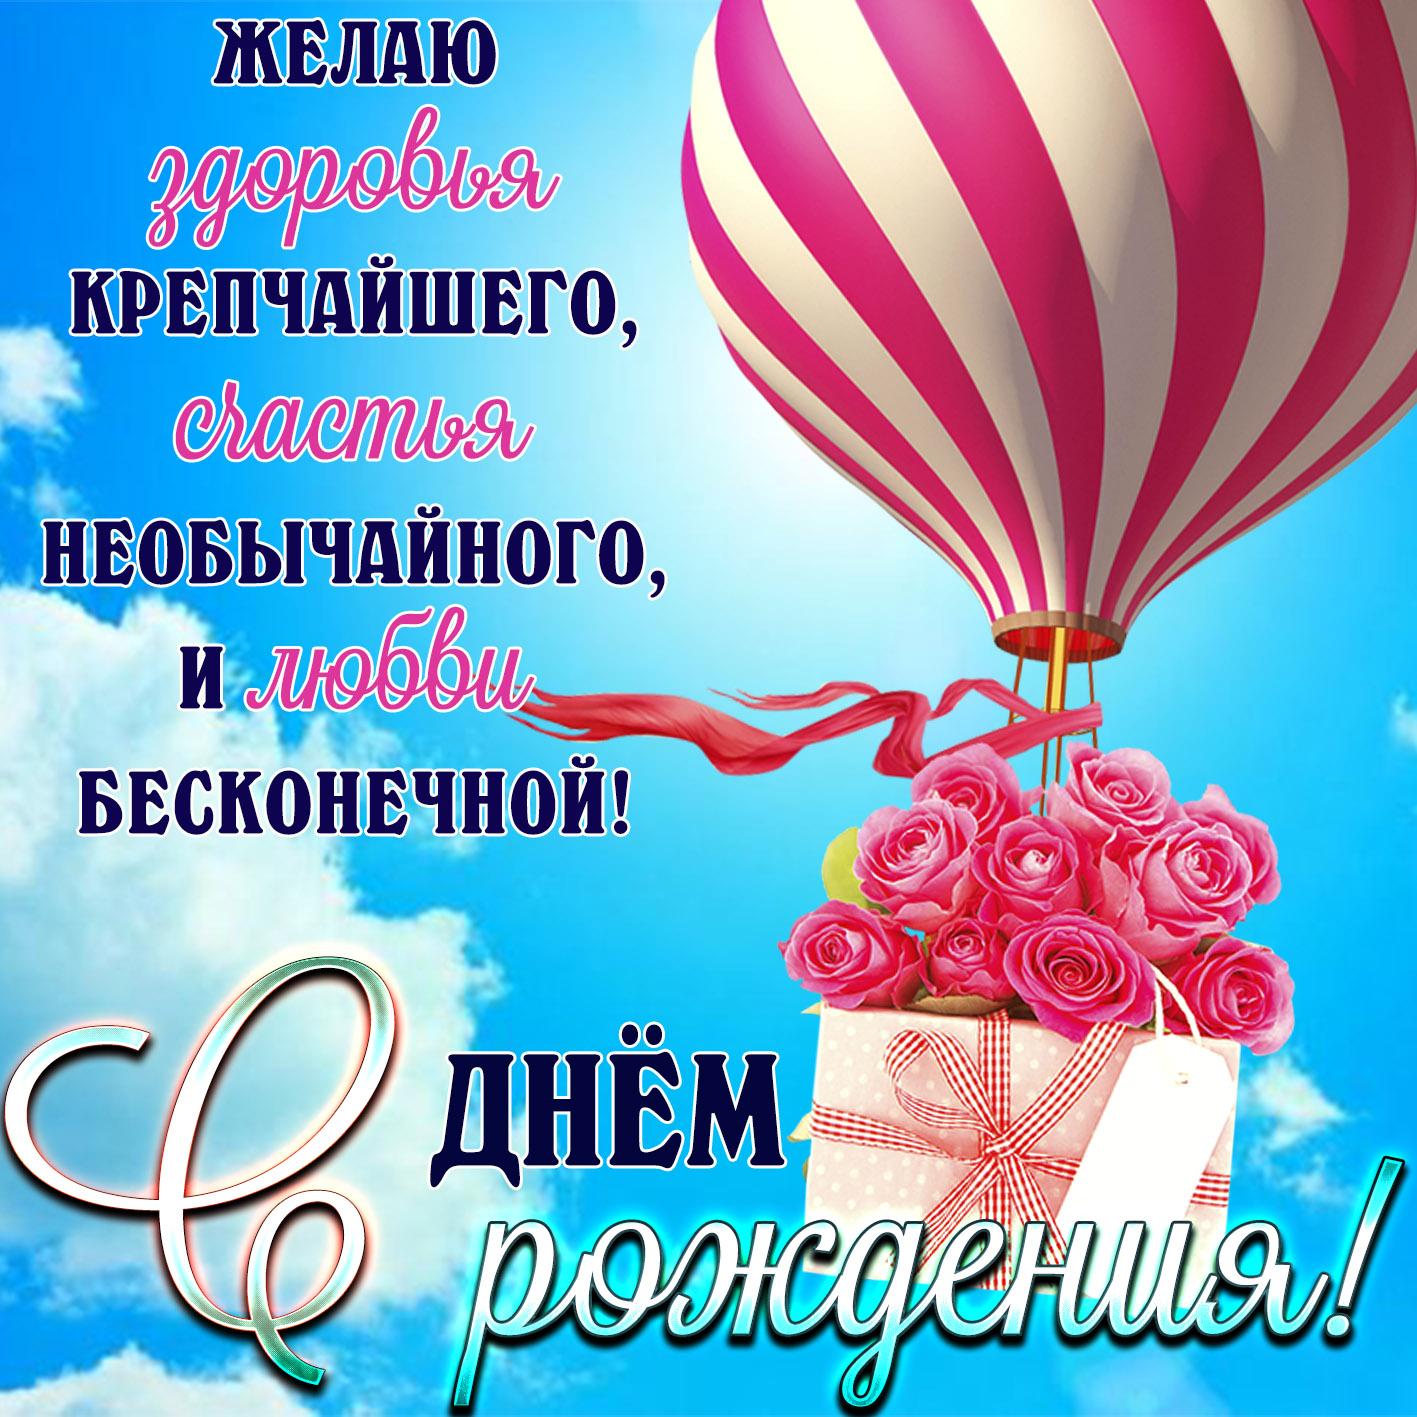 Цветы на воздушном шаре к Дню рождения